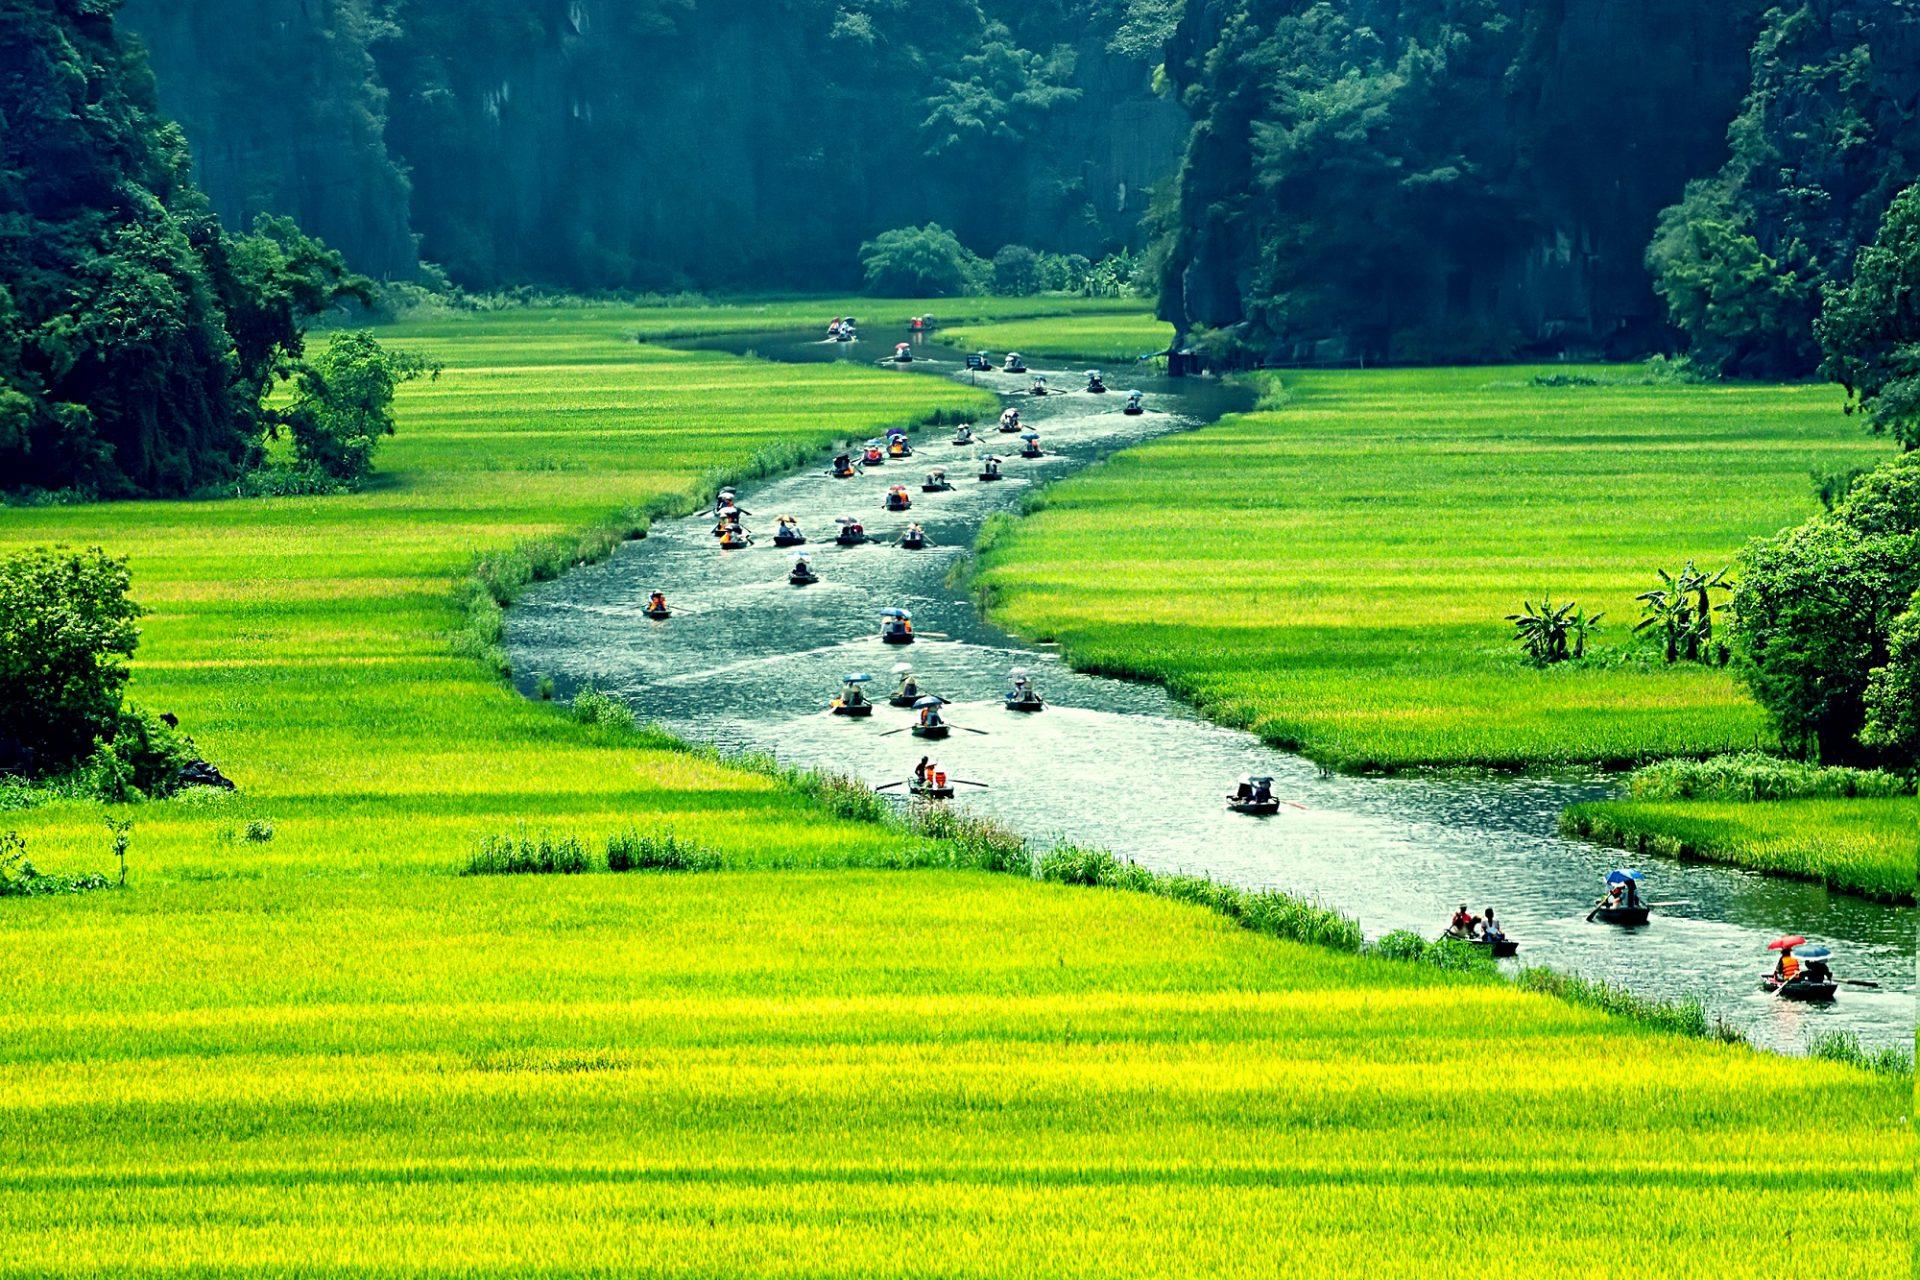 Vietnam überzeugt viele Profibackpacker mit einer unglaublich schönen Natur